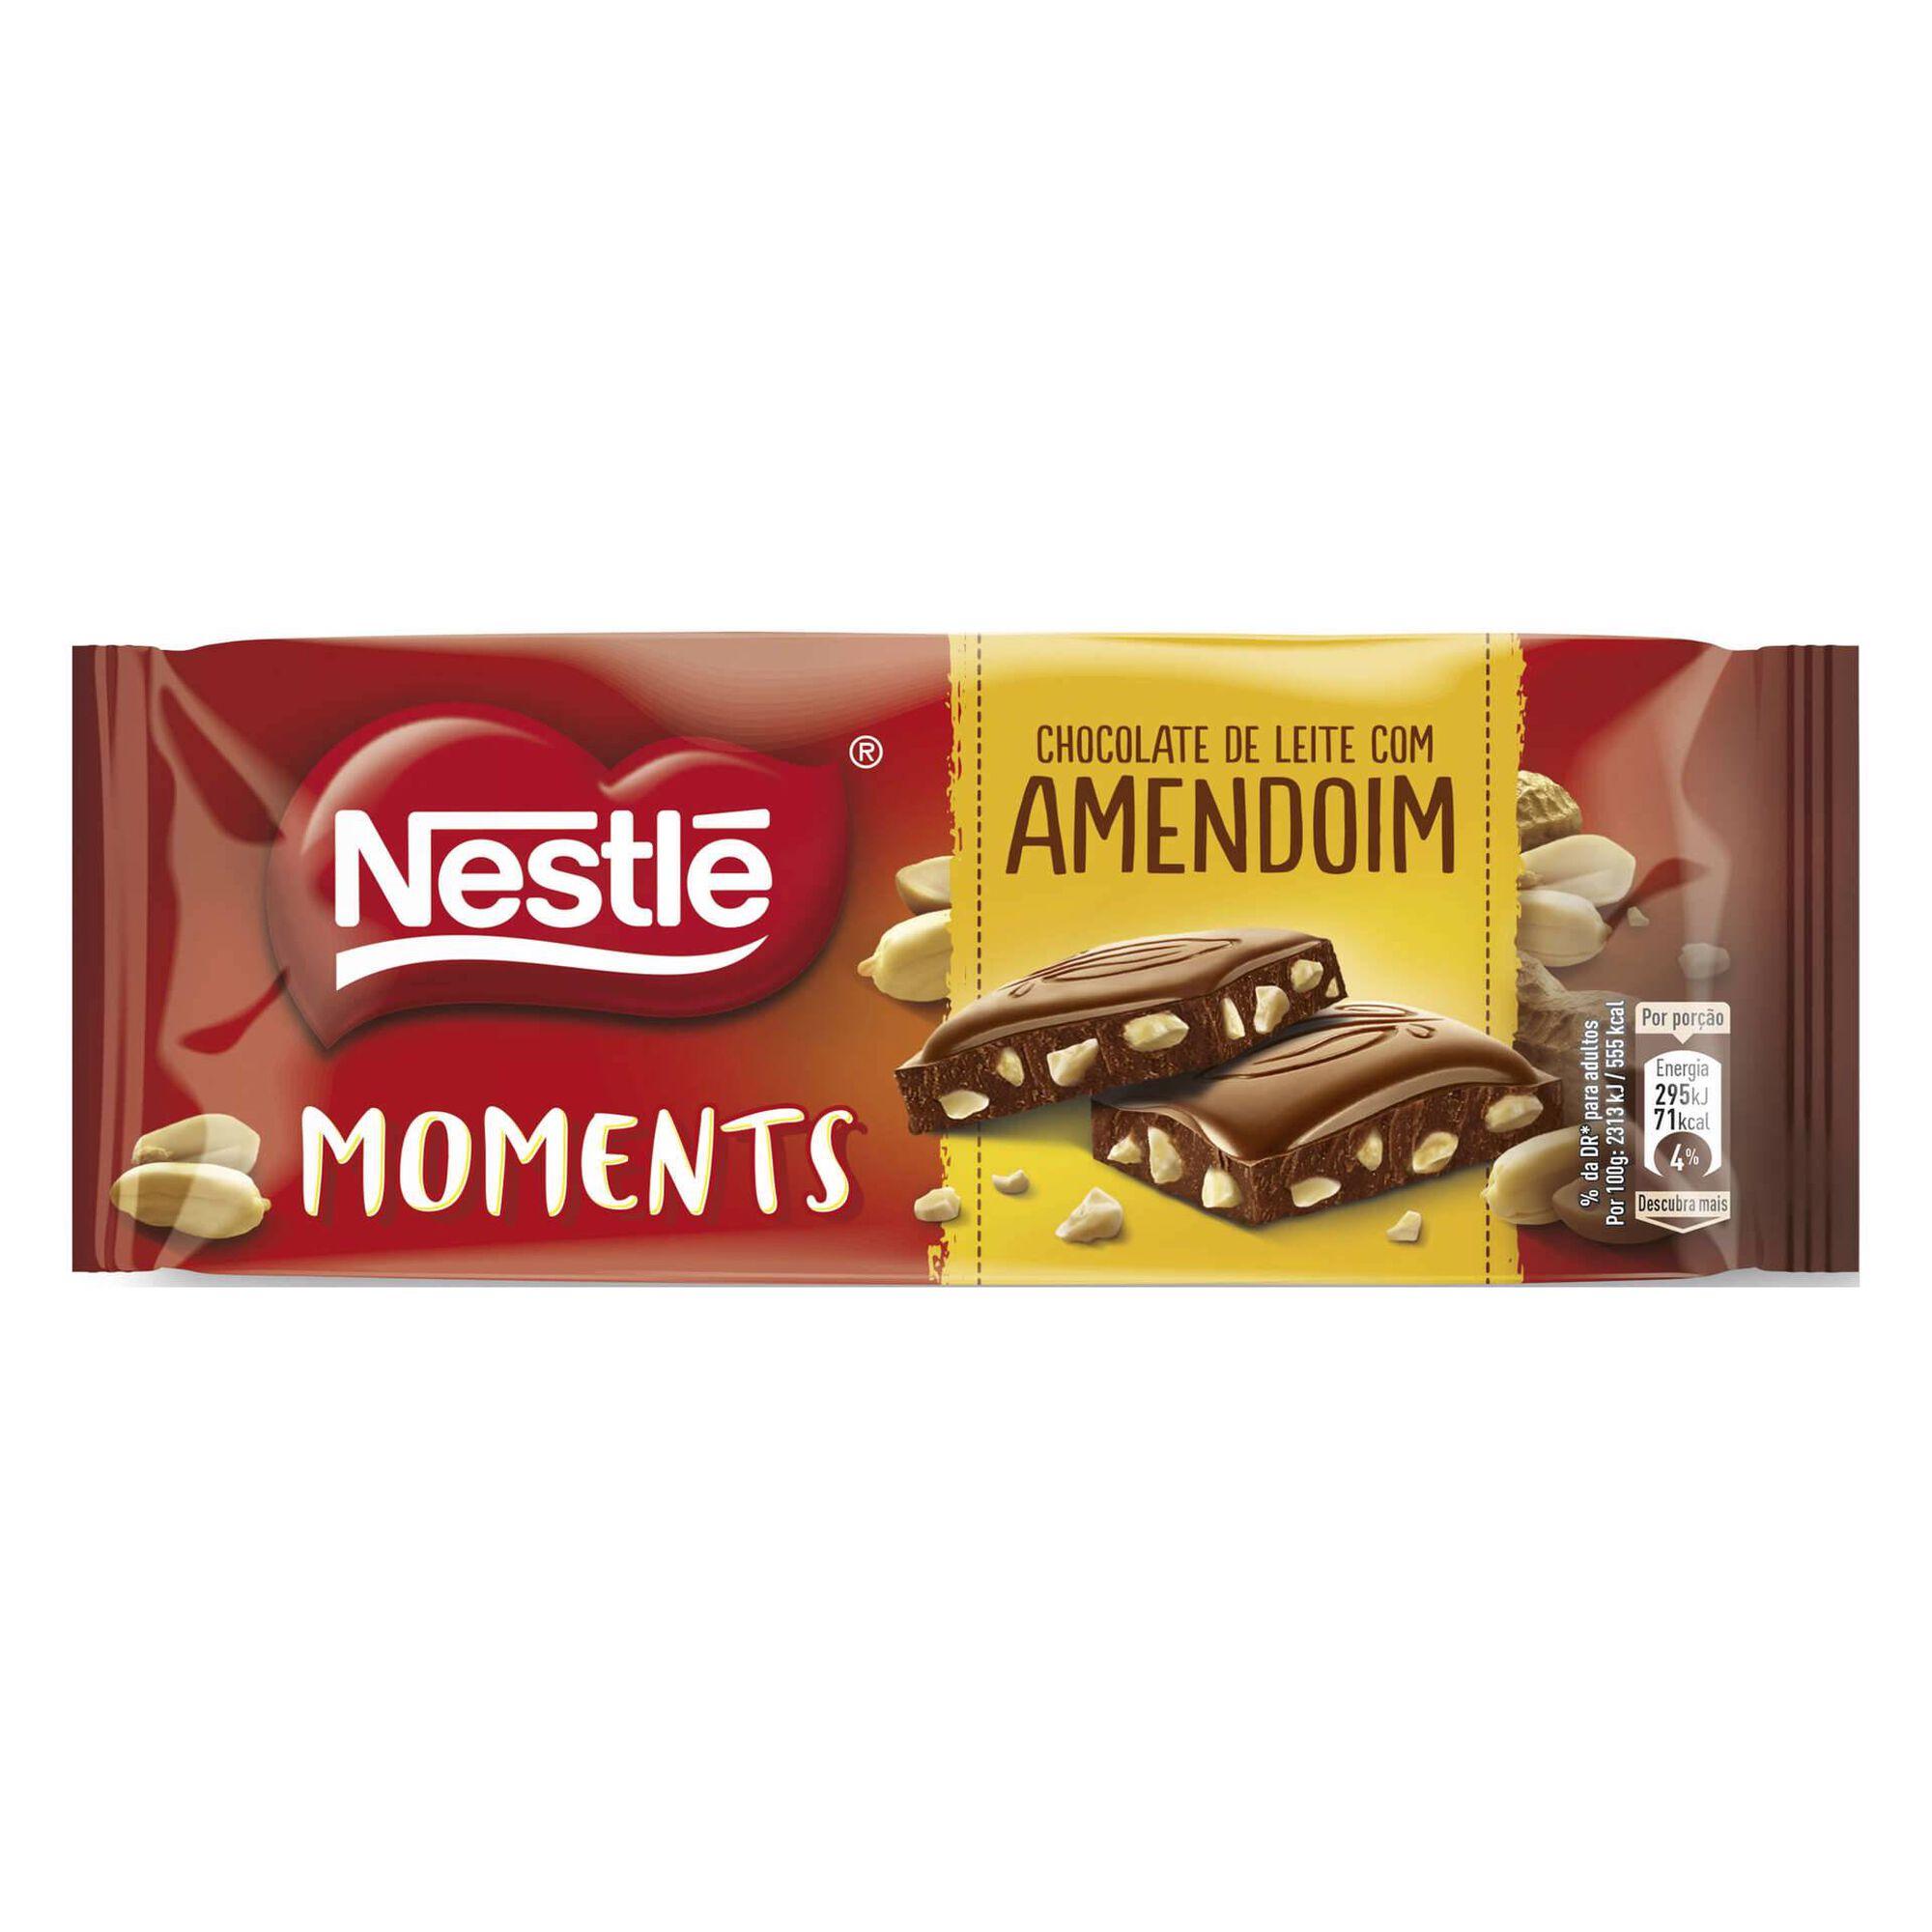 Tablete de Chocolate de Leite com Amendoim